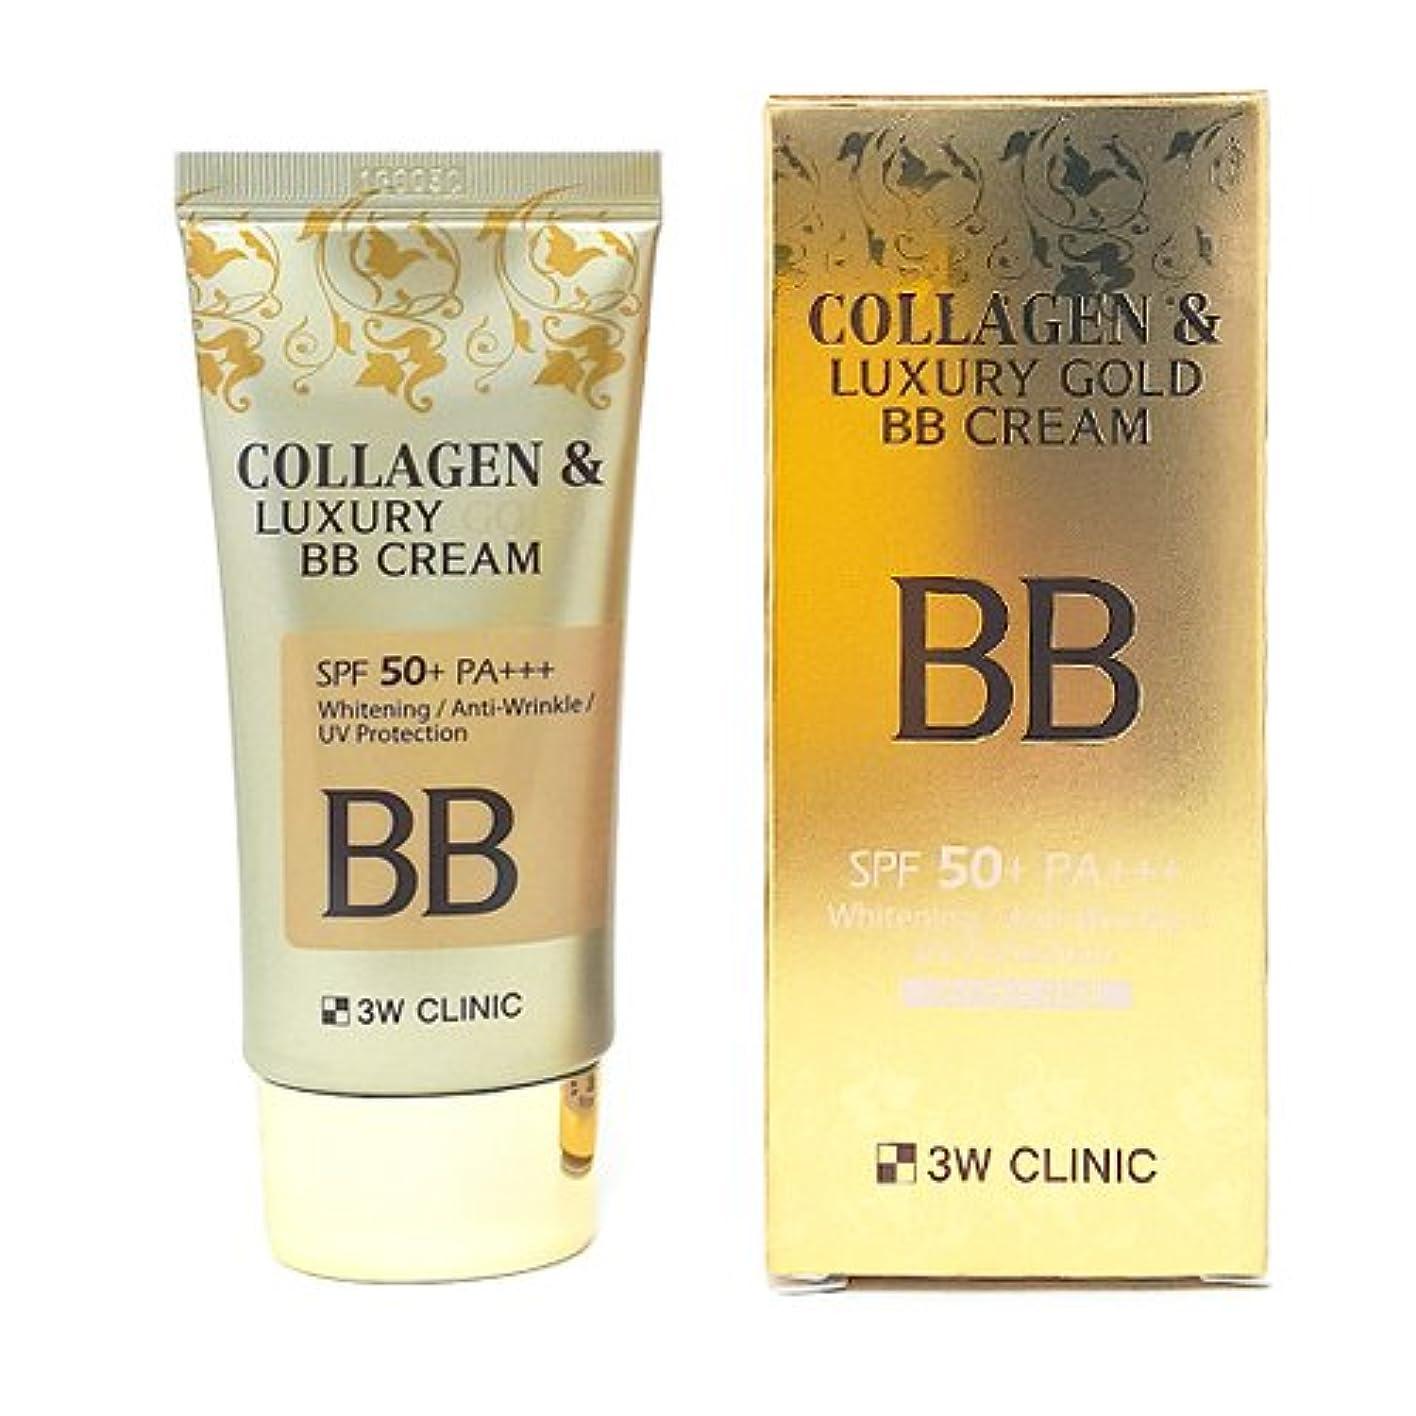 工業用滅びる理解3Wクリニック[韓国コスメ3w Clinic]Collagen & Luxury Gold BB Cream コラーゲンラグジュアリーゴールド BBクリーム50ml 50+/PA+++[並行輸入品]